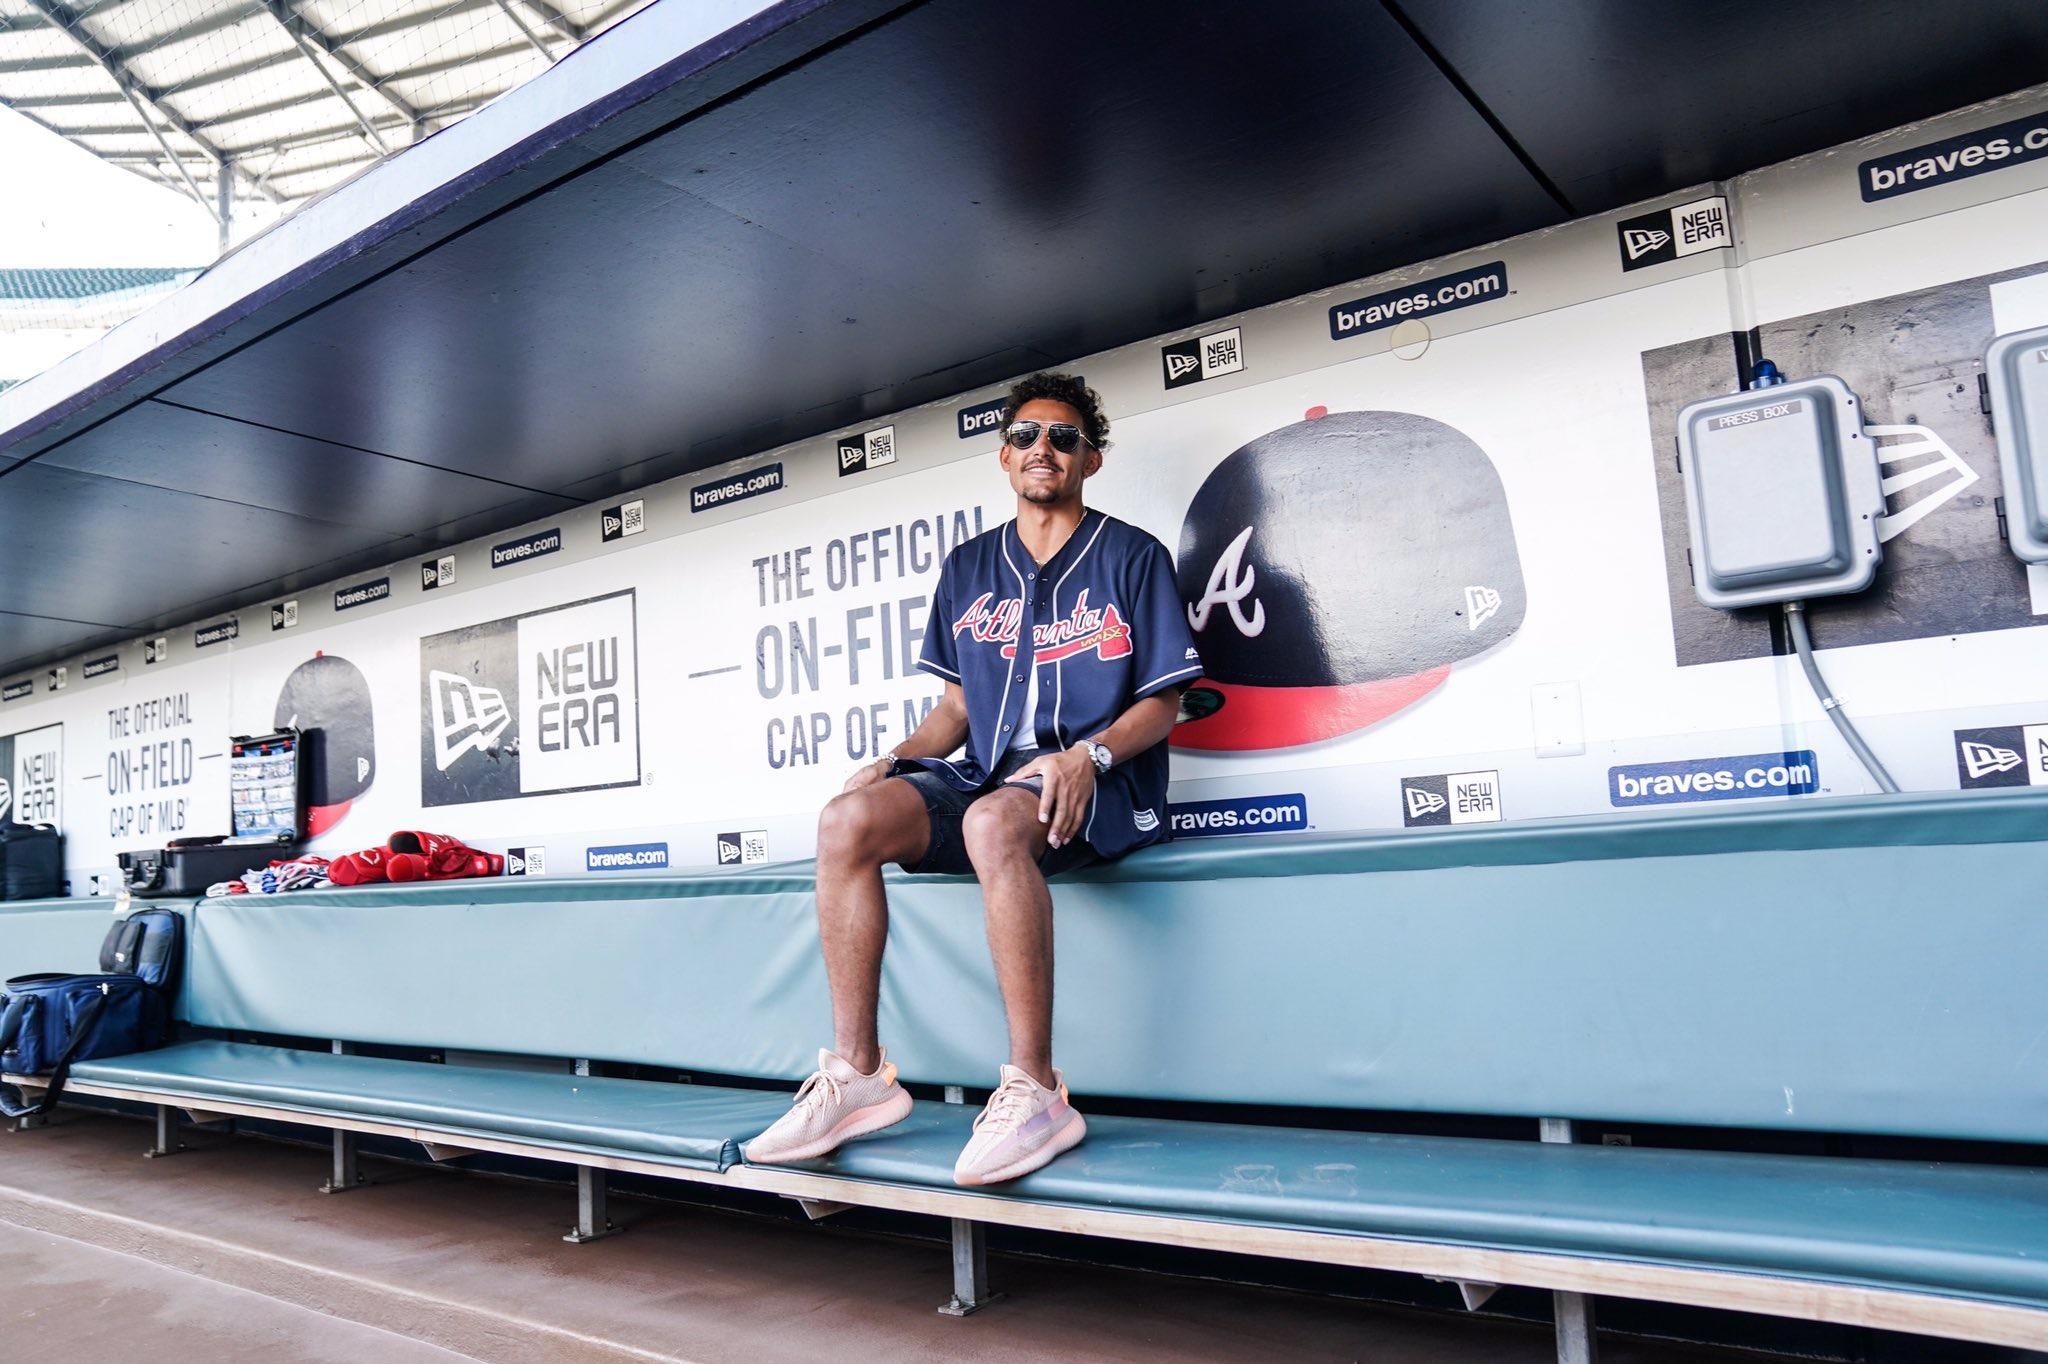 特雷-杨前往观看MLB亚特兰大勇士队棒球比赛